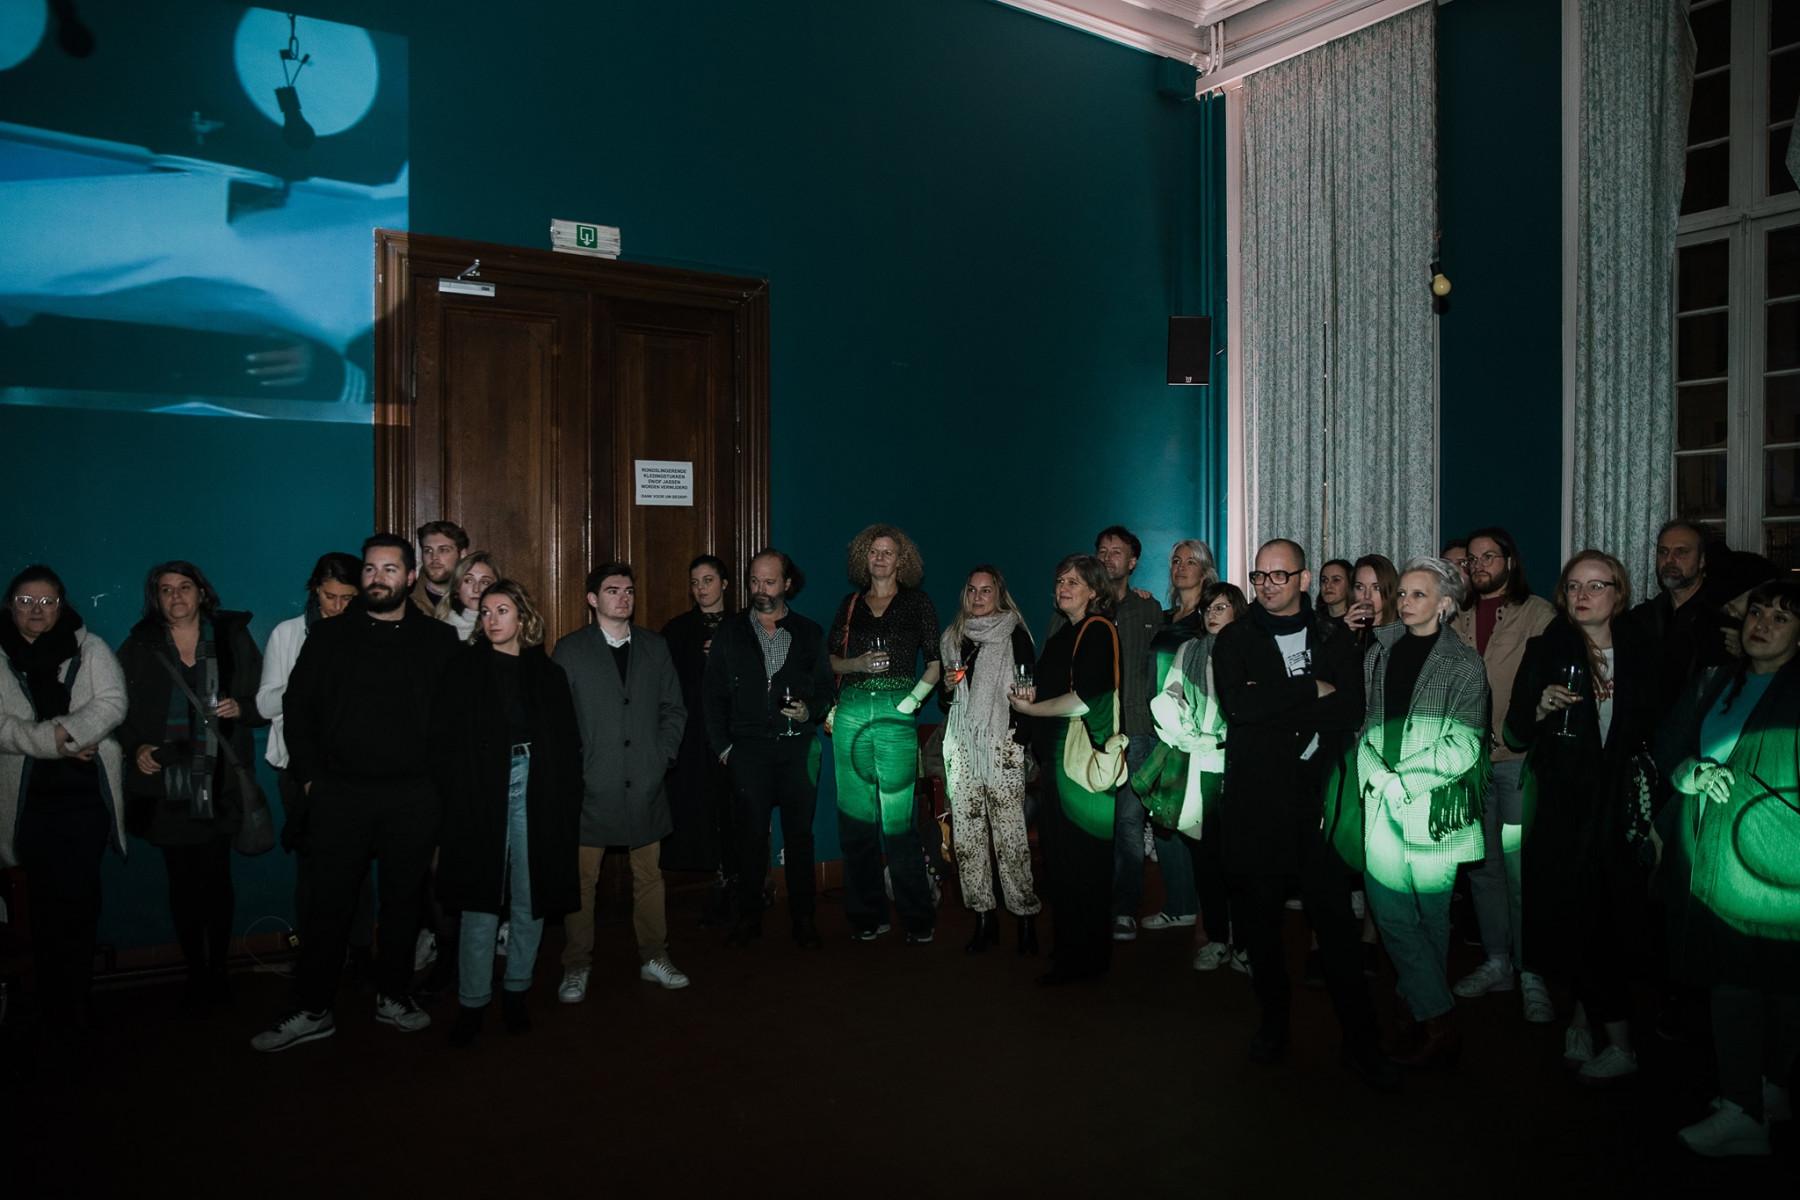 Het event '5 jaar APBC' trok heel wat creatives naar Bar Rodin.